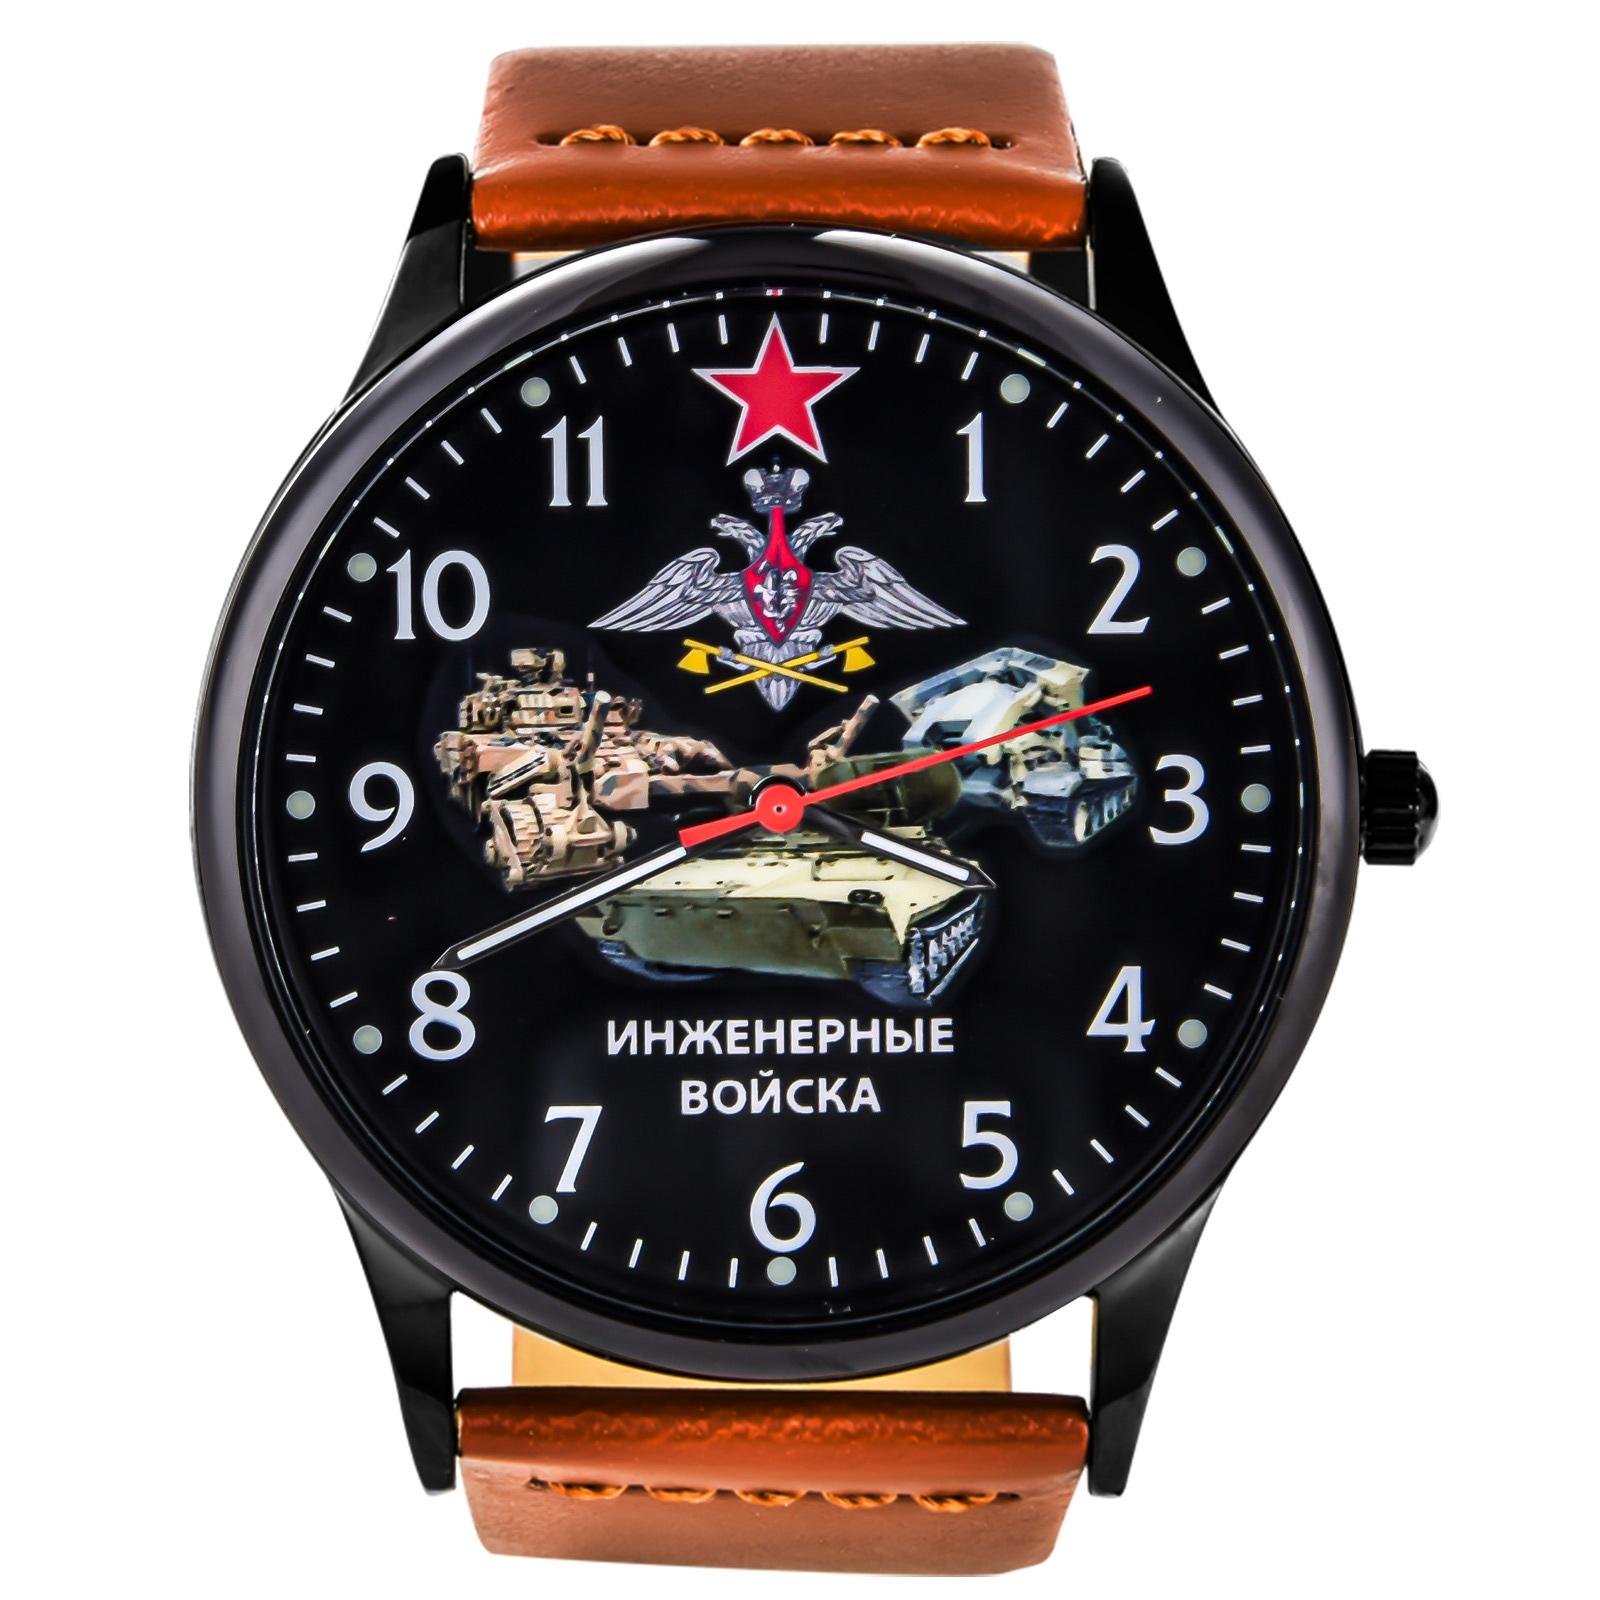 Командирские часы Инженерные войска купить в Военпро